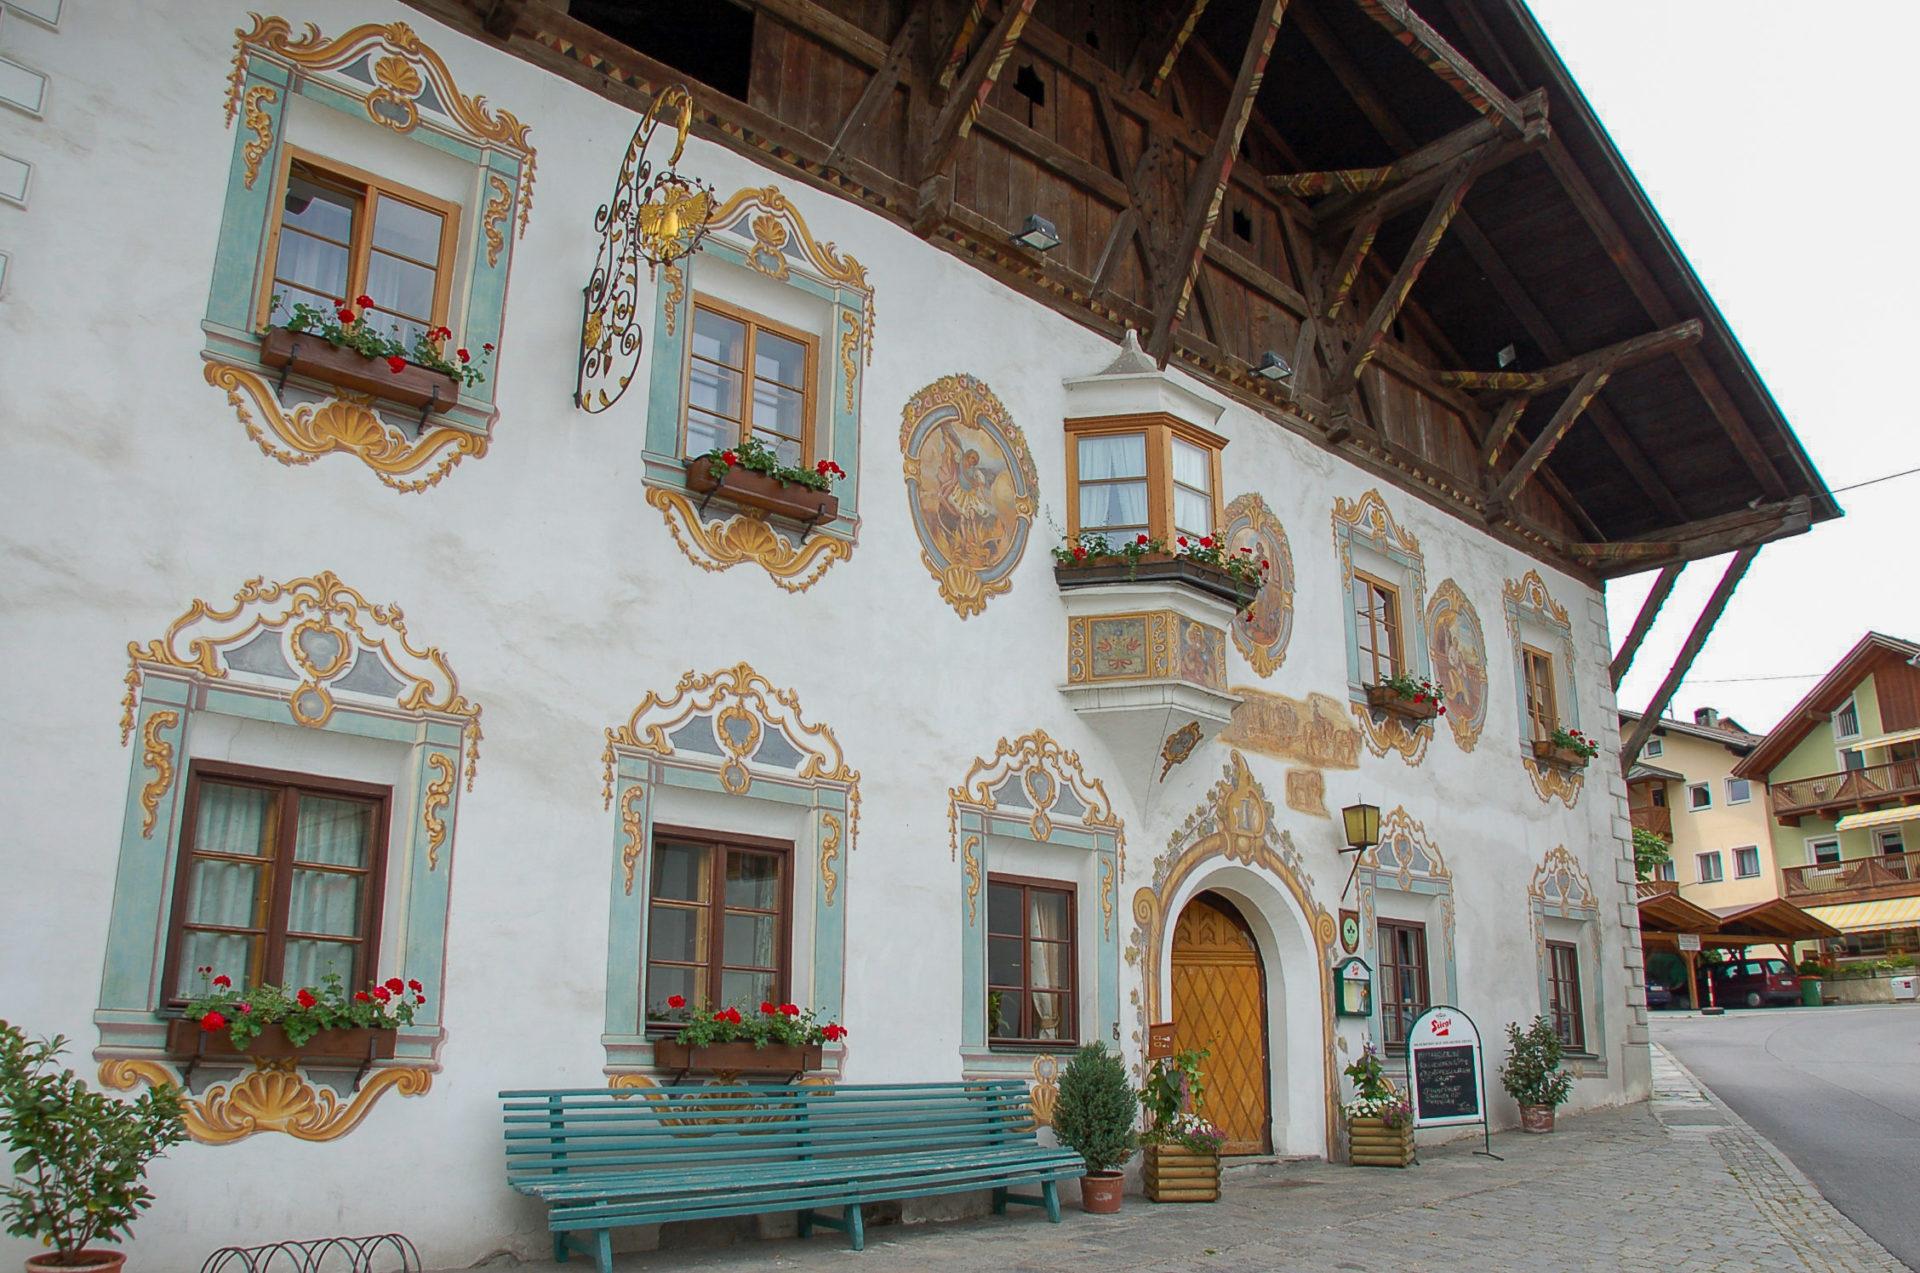 Traditionelle Häuserfassade am Inntalradweg, der ein überschaubares Höhenprofil besitzt